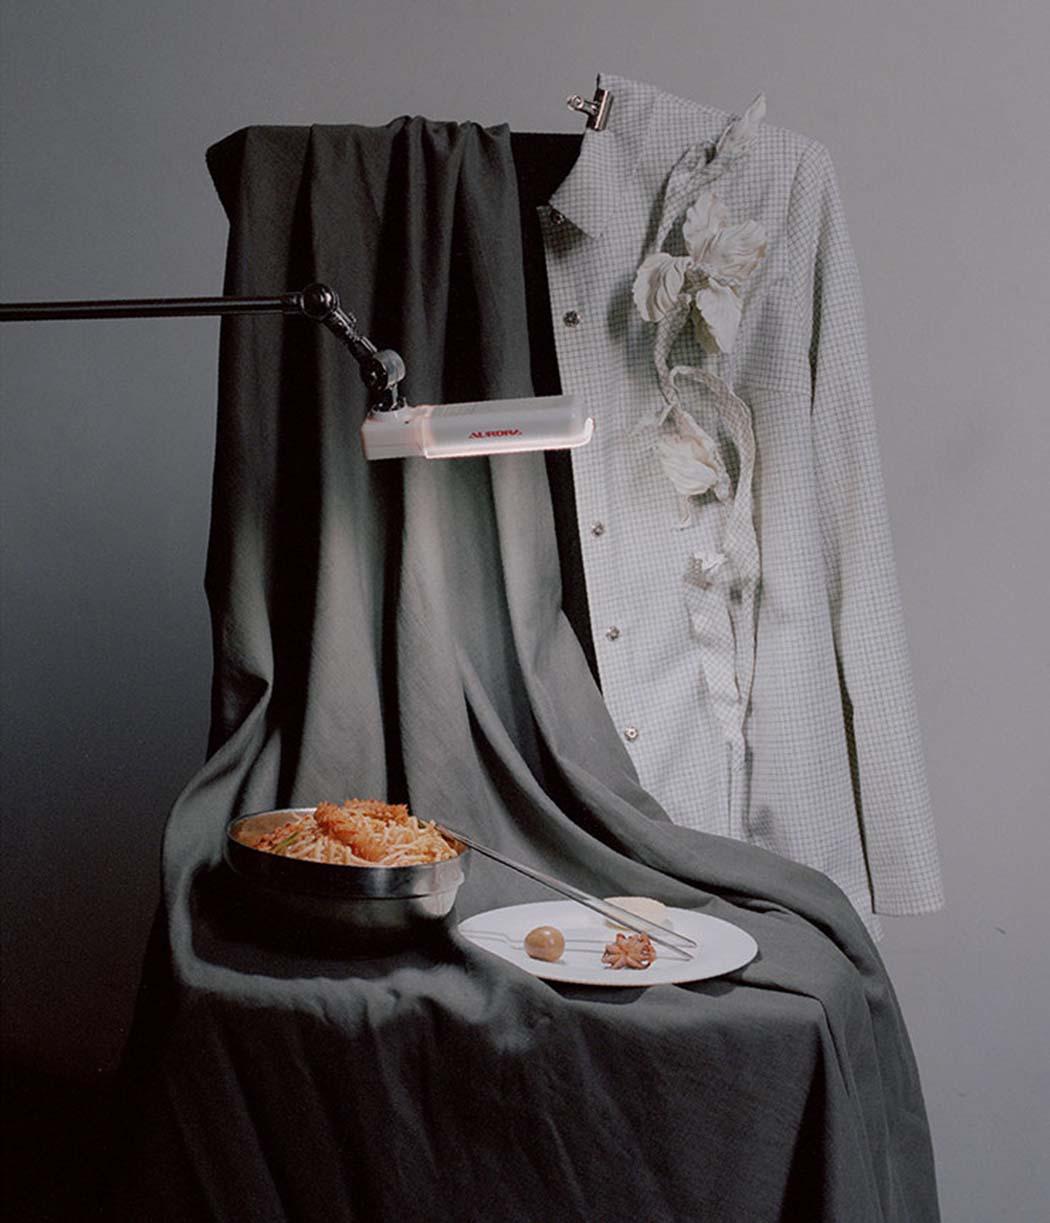 Fashion-JKimFW17-Still Lifes-EugeneShishkin-03